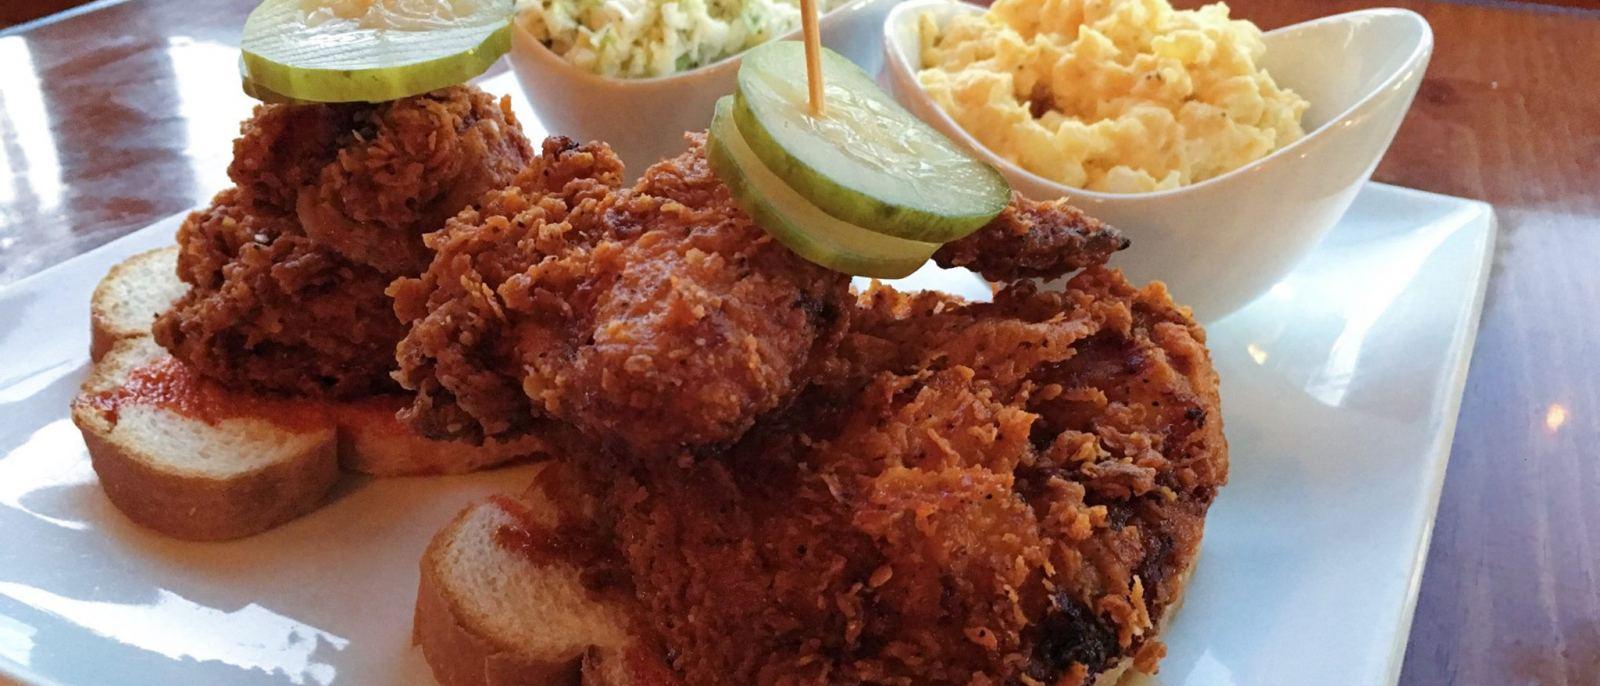 Nashville Hot Chicken Sandwich | Photo courtesy of Boneyard Bistro, Facebook